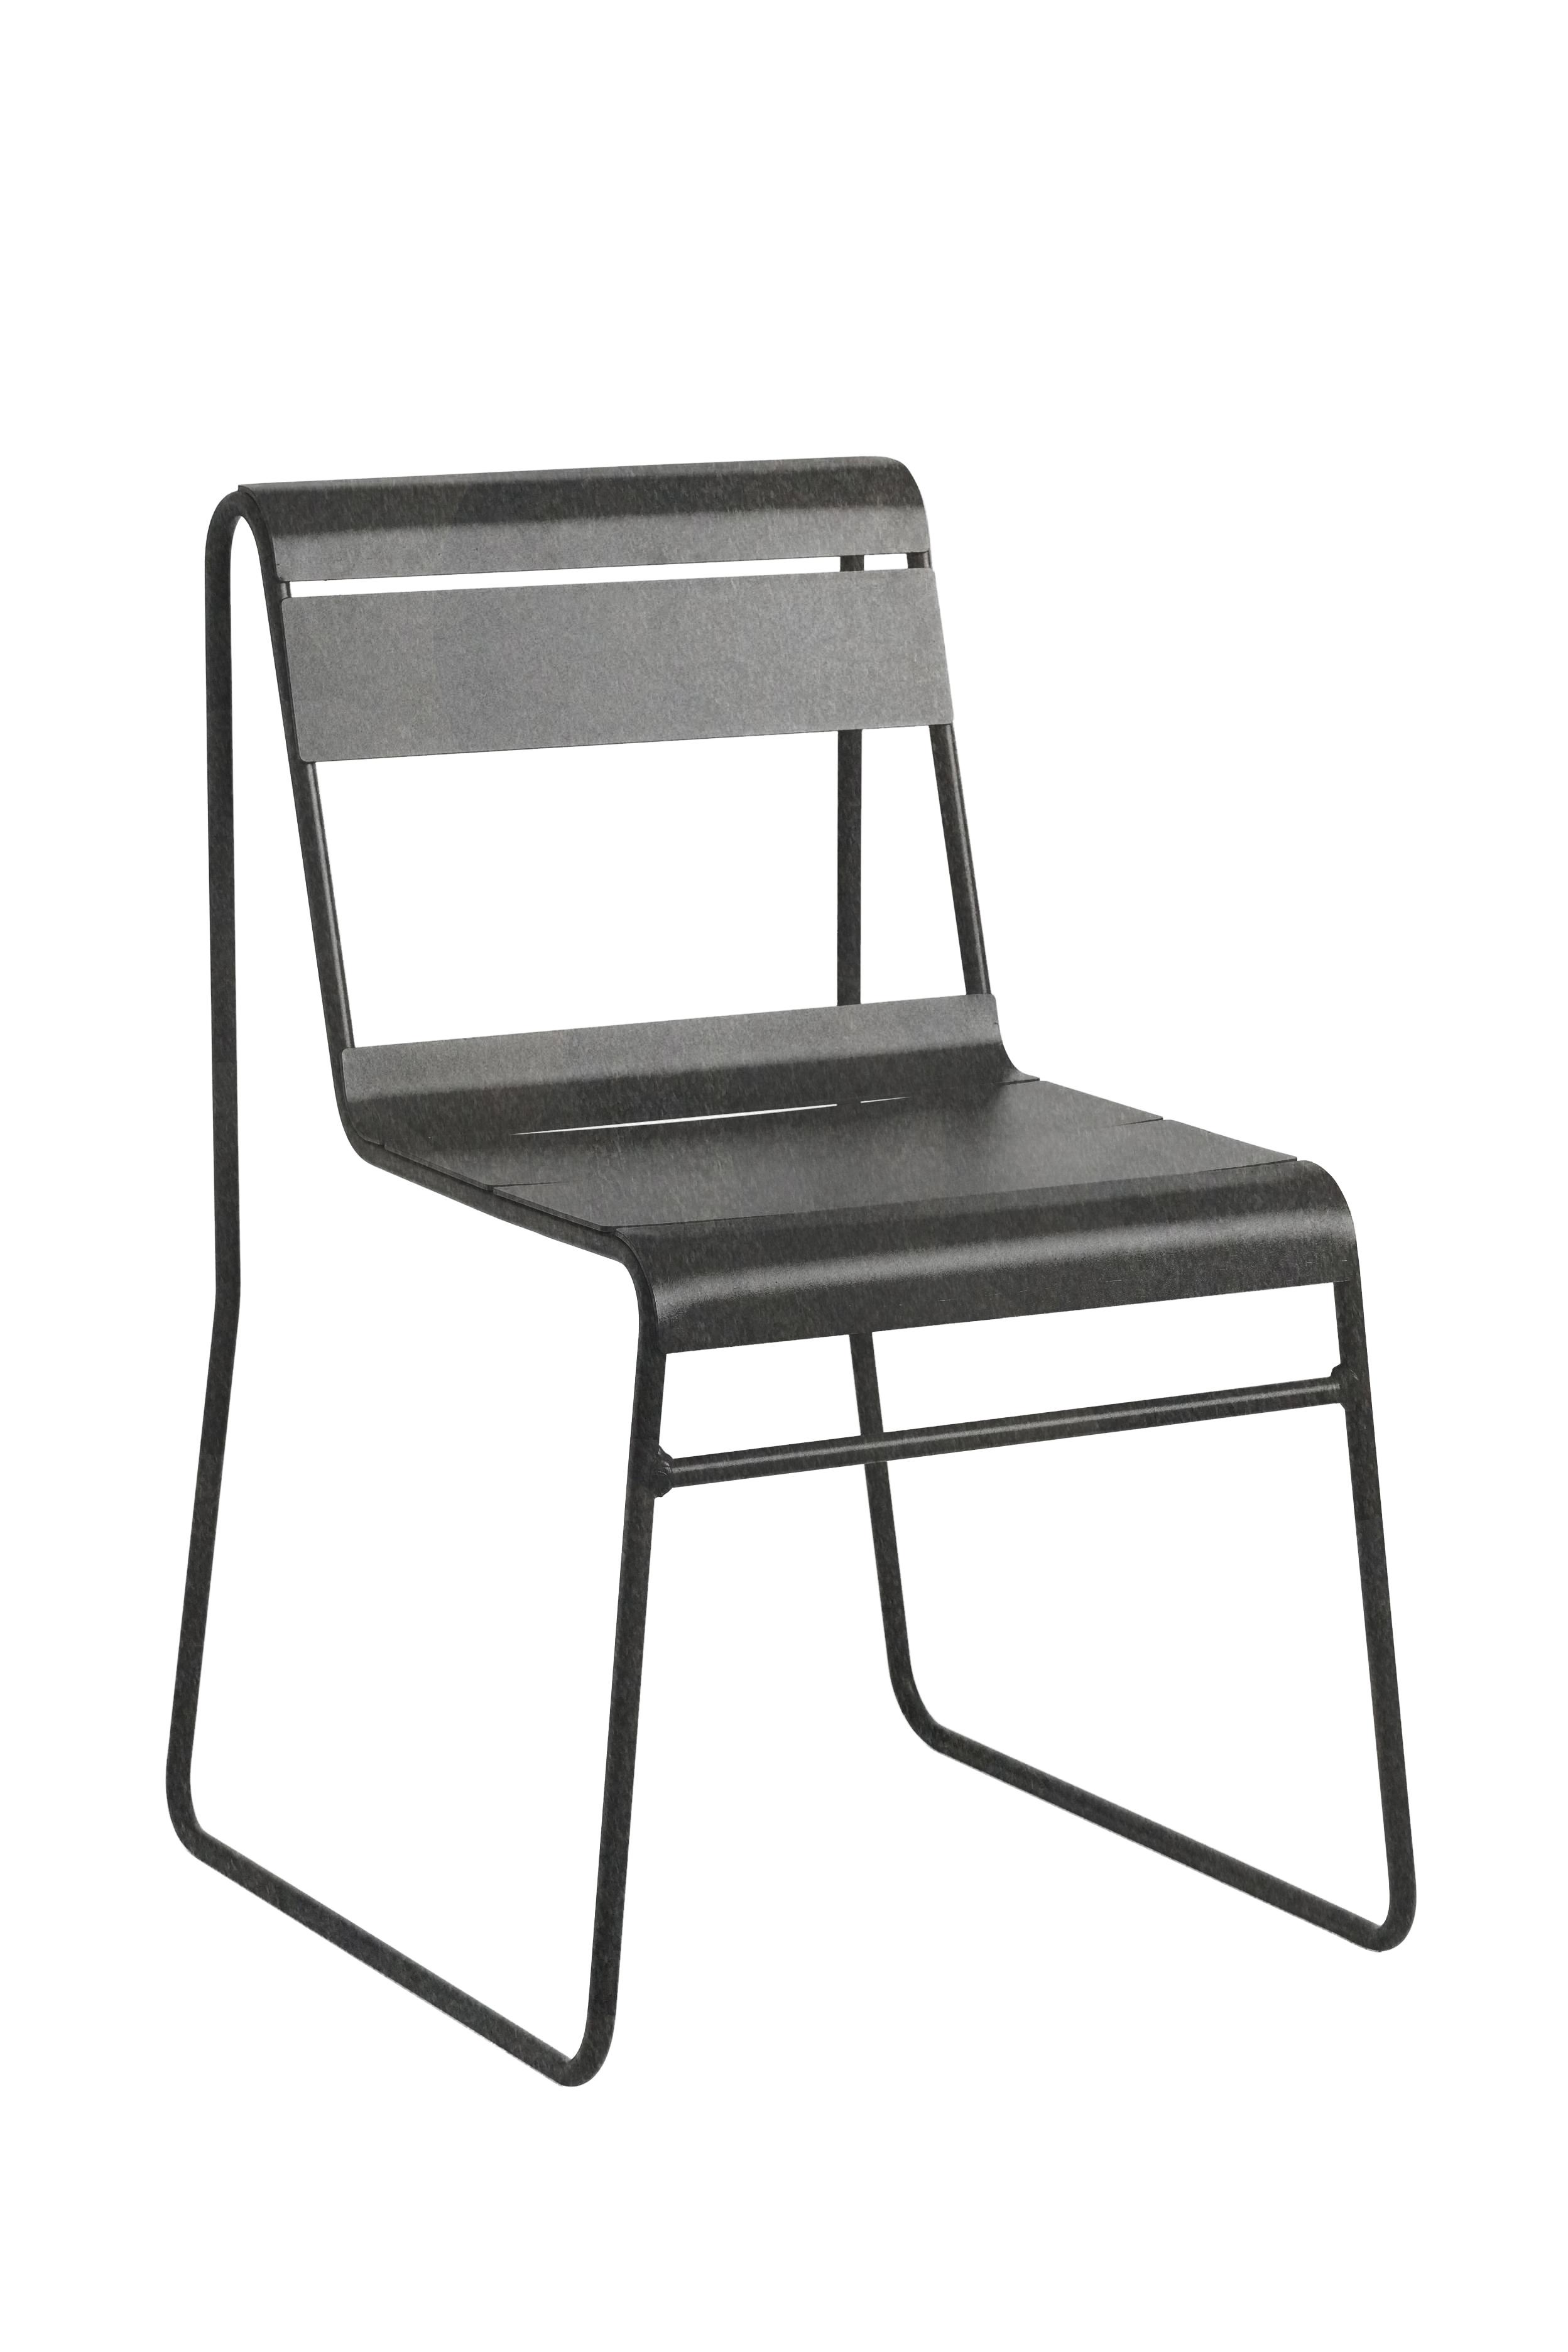 TOSCANA - Chaise en acier gris anthracite